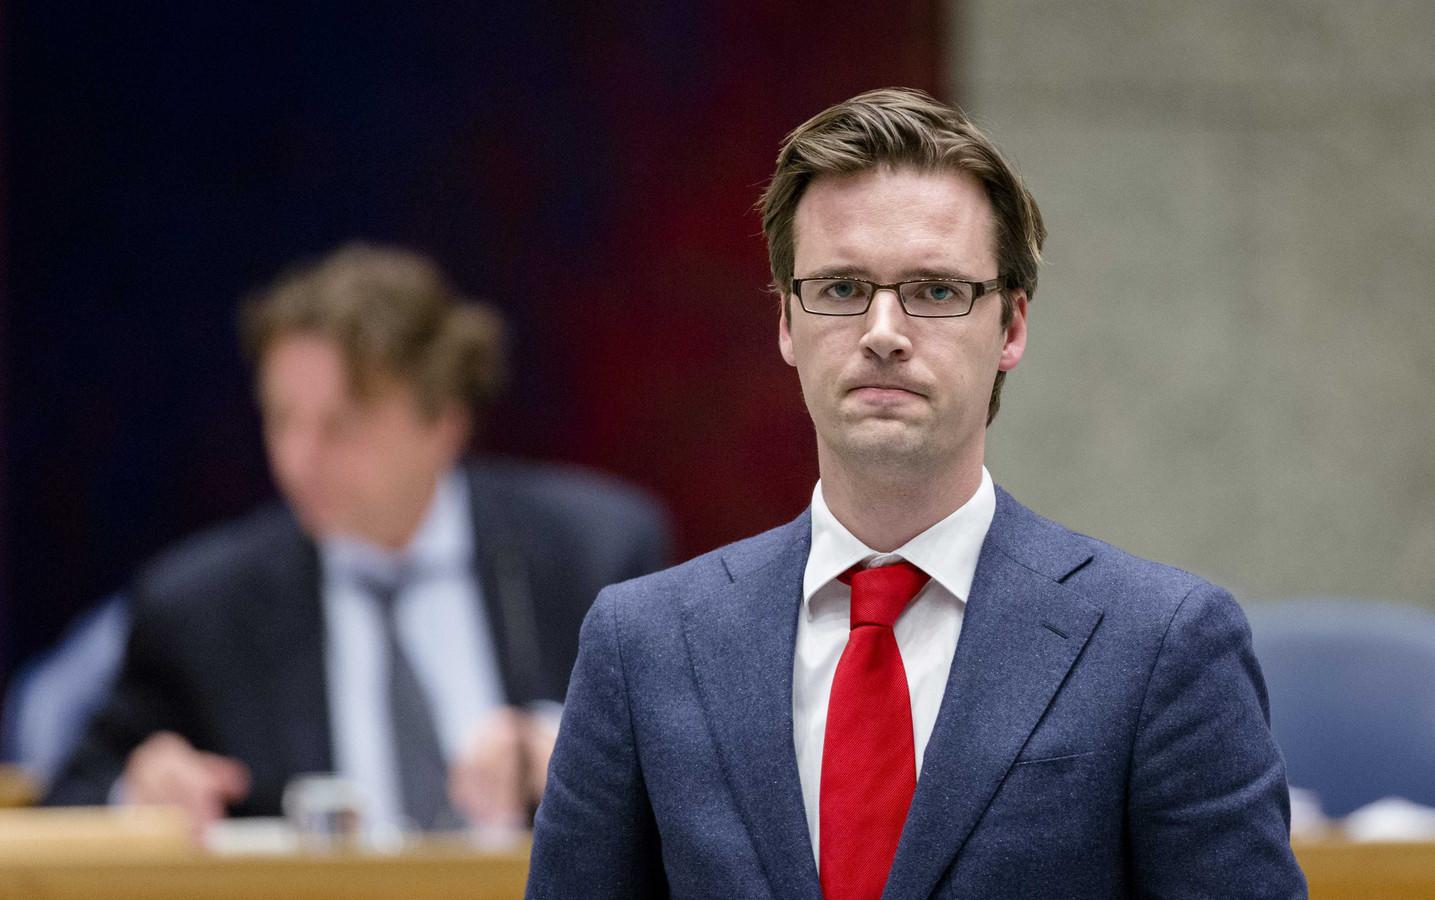 Voor D66-Kamerlid Sjoerd Sjoerdsma voelt het militair ingrijpen – zonder VN-mandaat – 'onwenselijk en ongemakkelijk'.